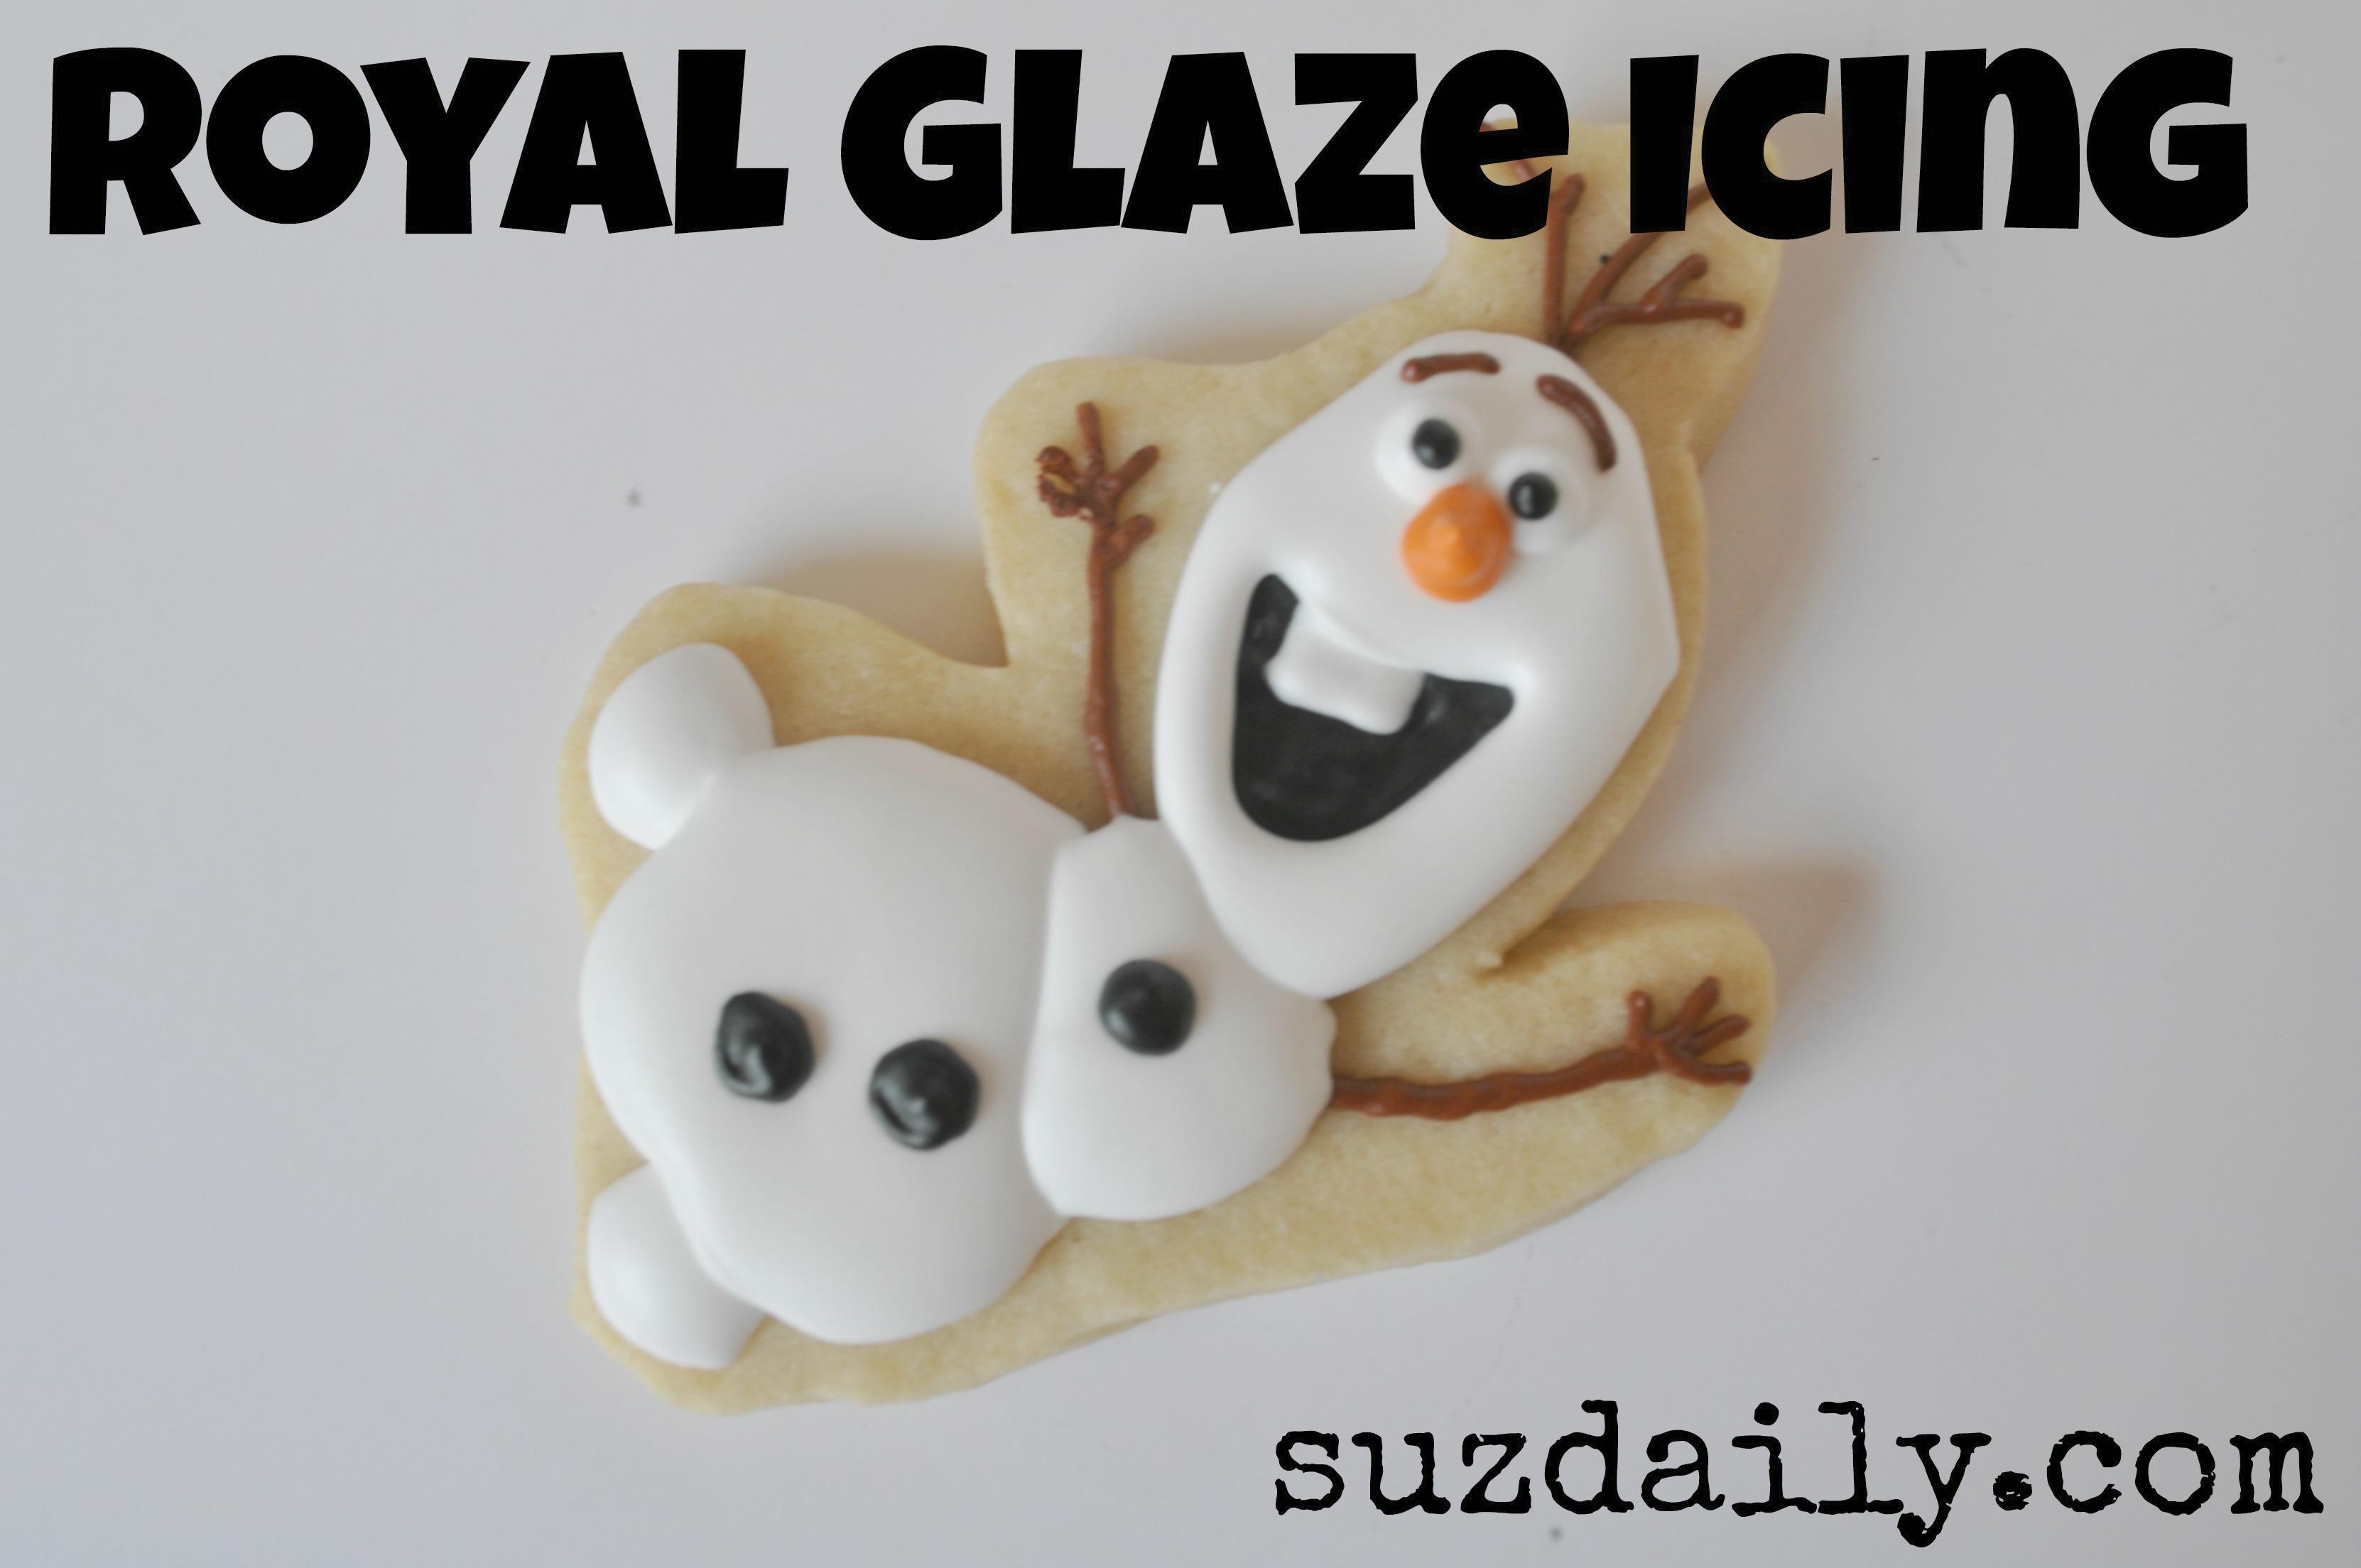 Royal Glaze Icing